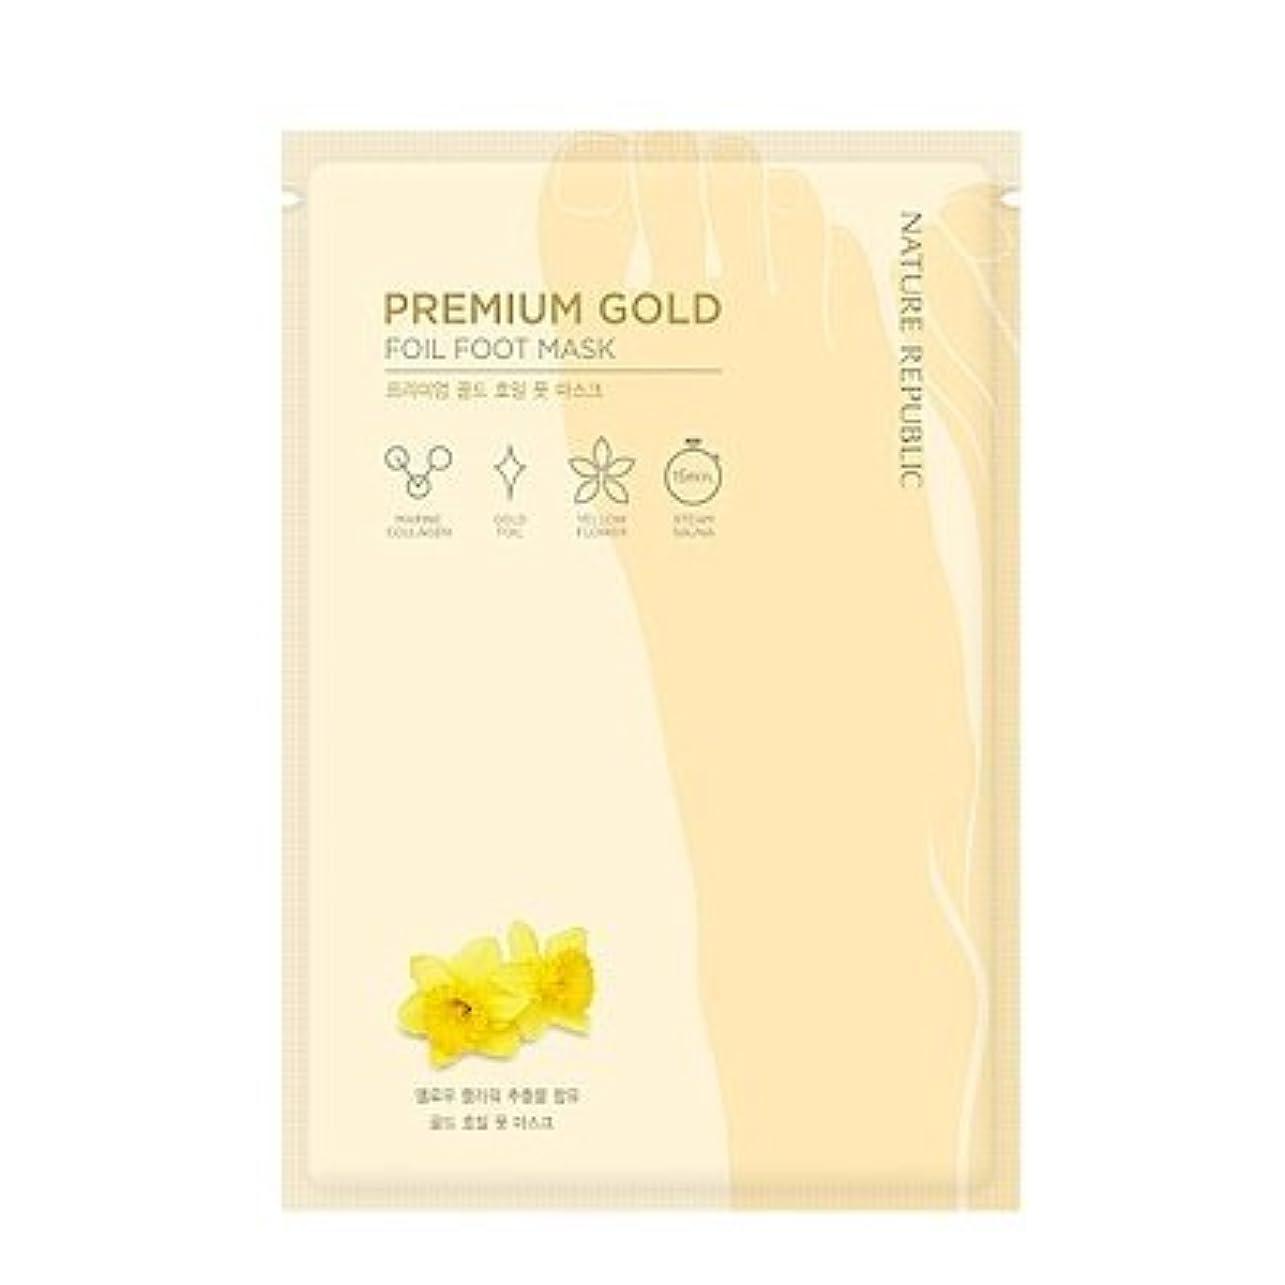 満足メルボルン驚いたNATURE REPUBLIC Premium Gold Foil Foot Mask(3EA) / ネイチャーリパブリックプレミアムゴールドホイルフットマスク(3枚) [並行輸入品]